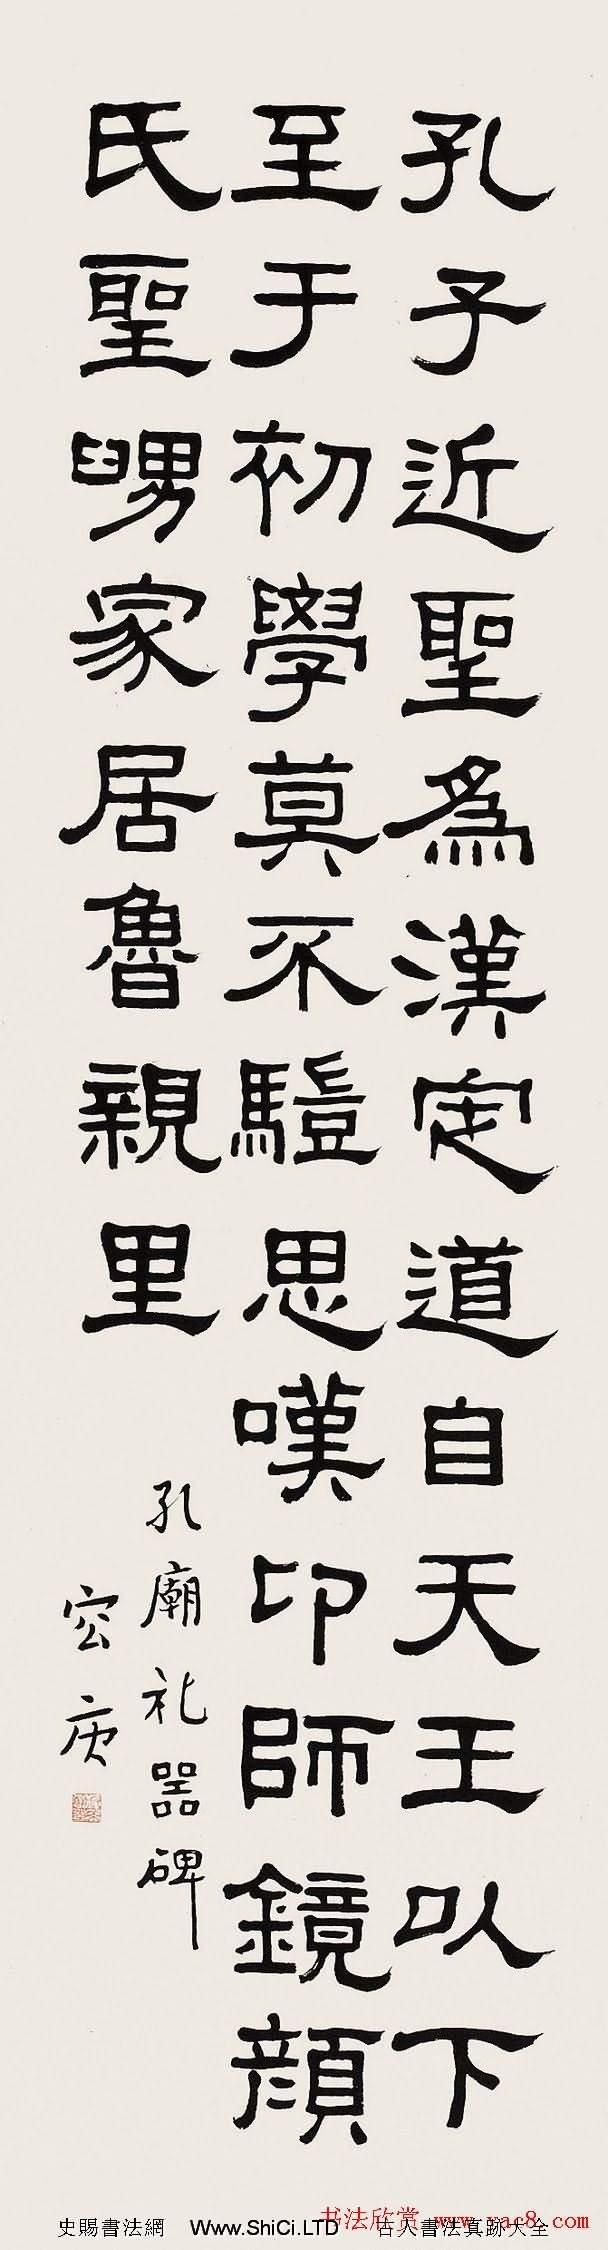 金文專家容庚書法作品欣賞